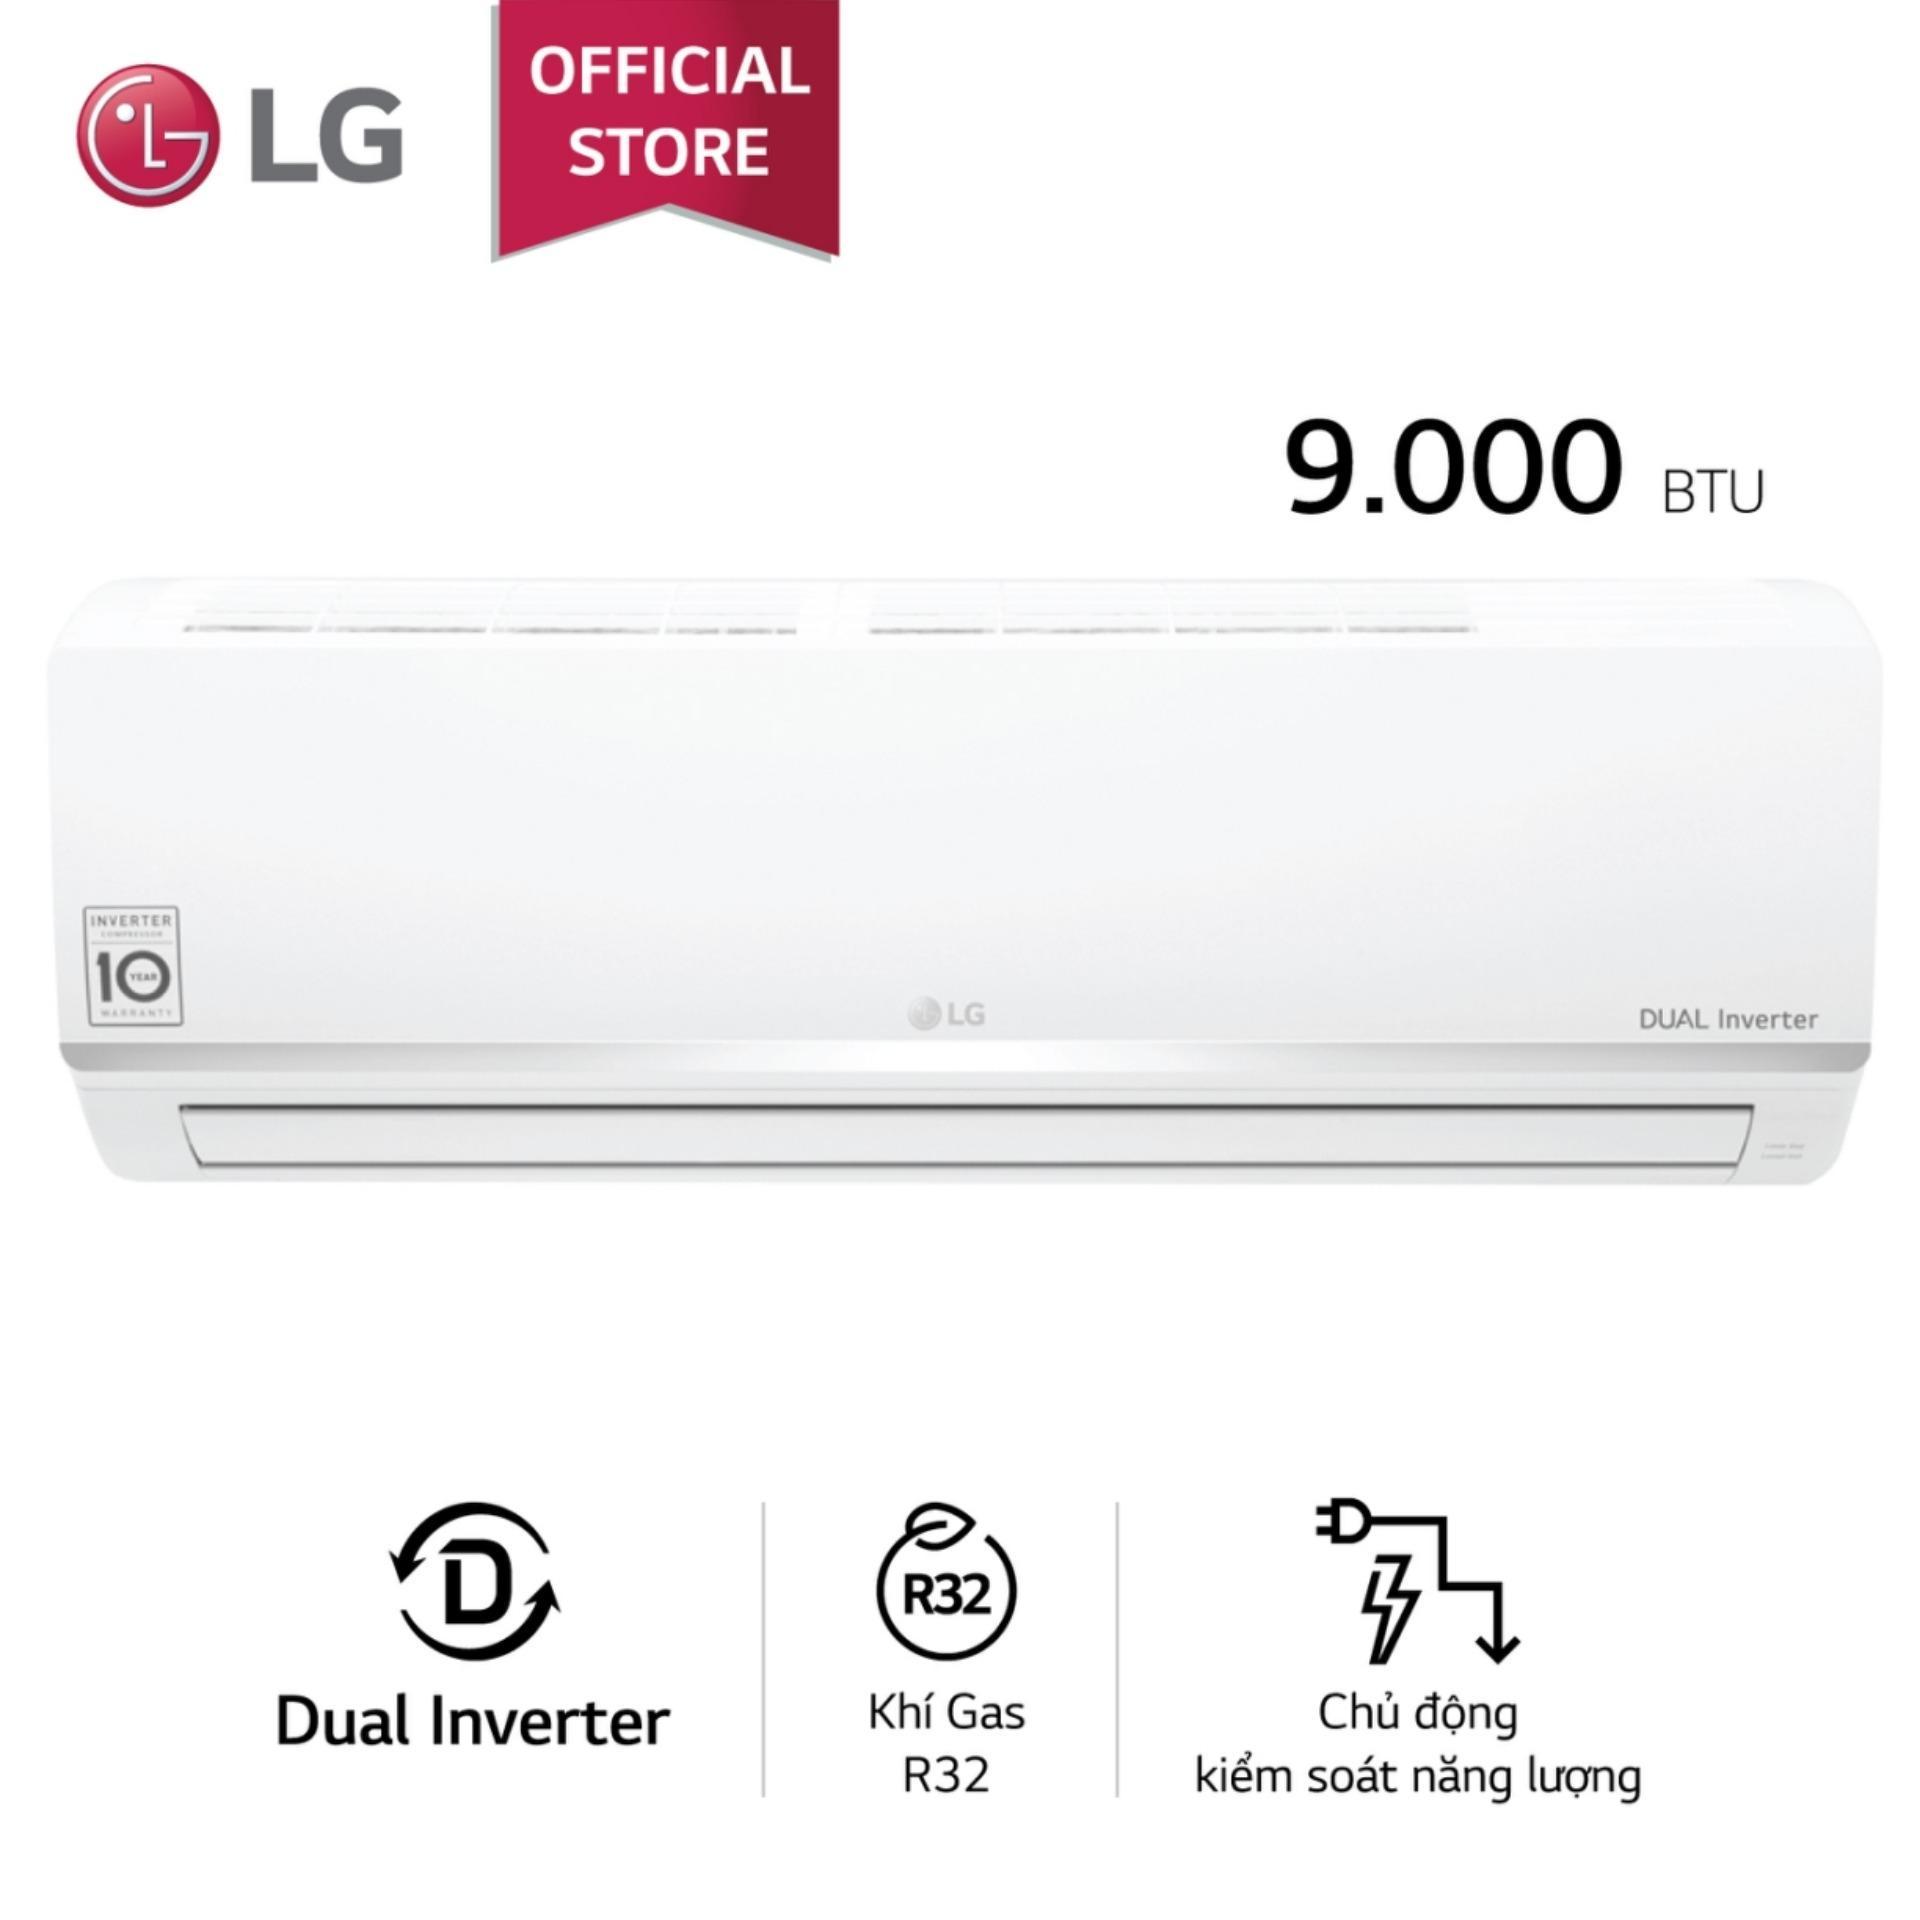 Mã Ưu Đãi Khi Mua Máy Lạnh LG Inverter V10ENW 1HP (Trắng) Tiết Kiệm điện, Jet-Cool Làm Lạnh Nhanh, Chế độ Vận Hành Khi Ngủ, Chức Năng Tự Làm Sạch  - Bảo Hành 2 Năm - Phân Phối Chính Hãng